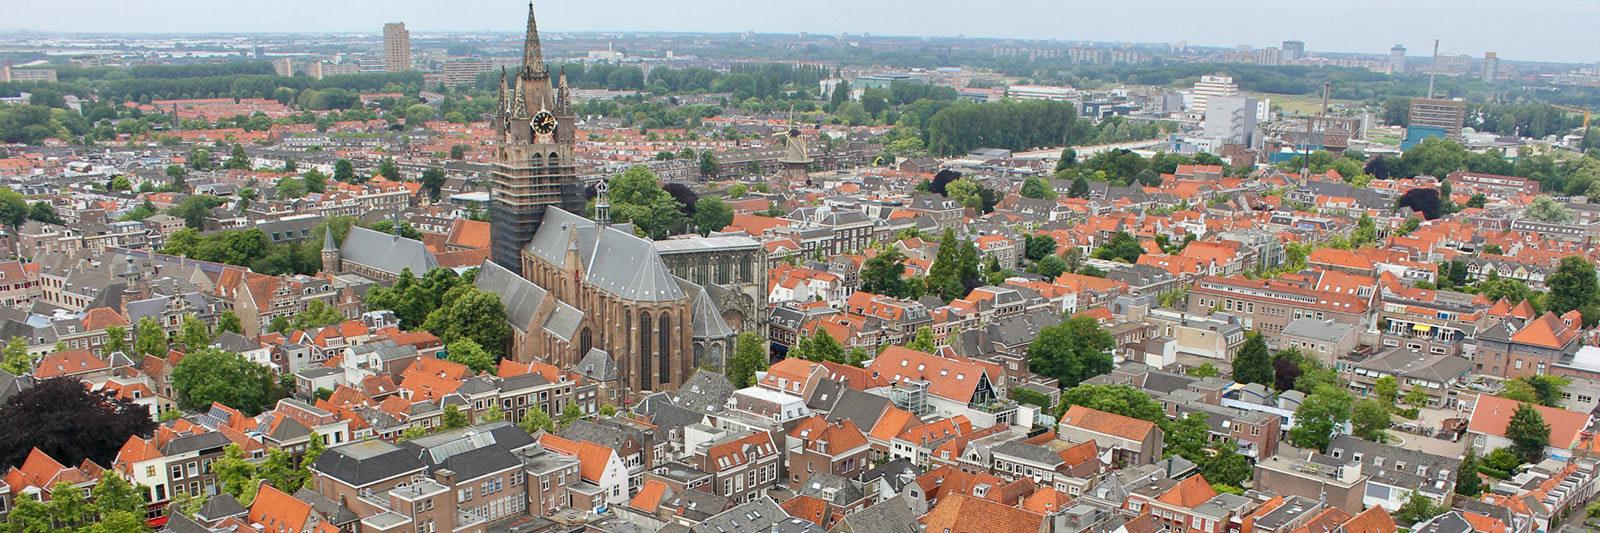 Daken van Delft